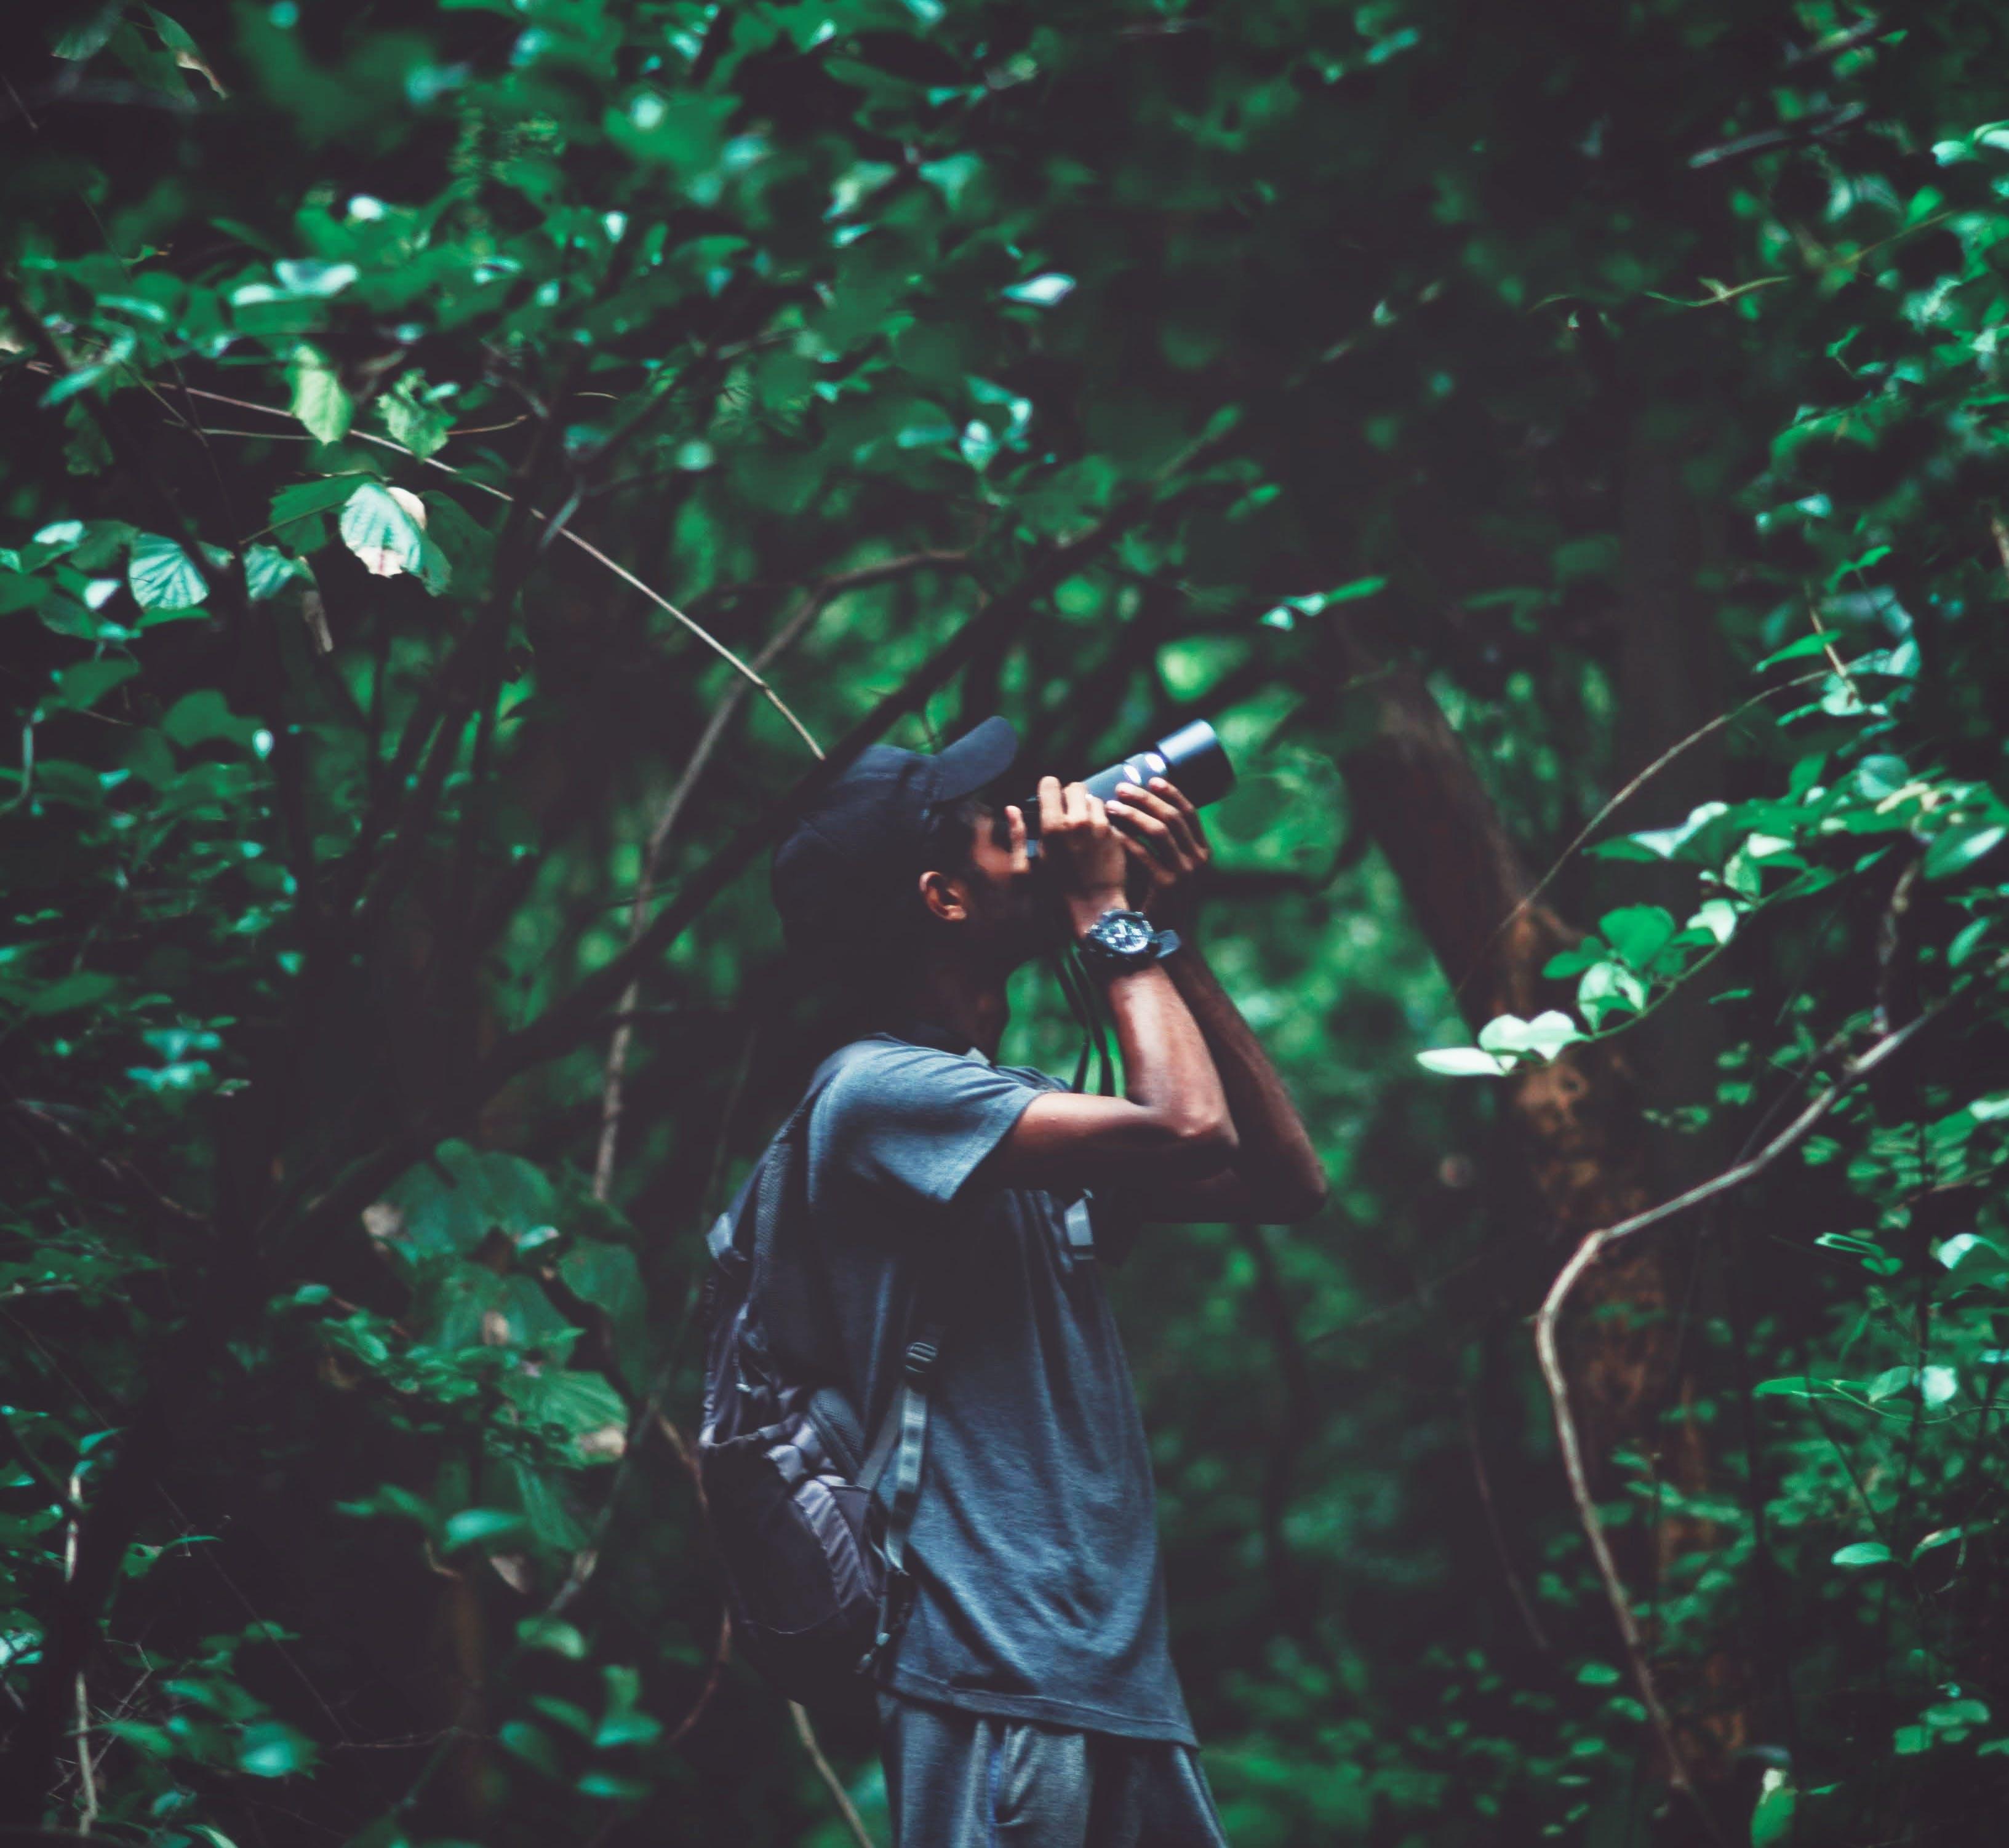 Kostenloses Stock Foto zu abenteuer, bäume, dschungel, dunkel